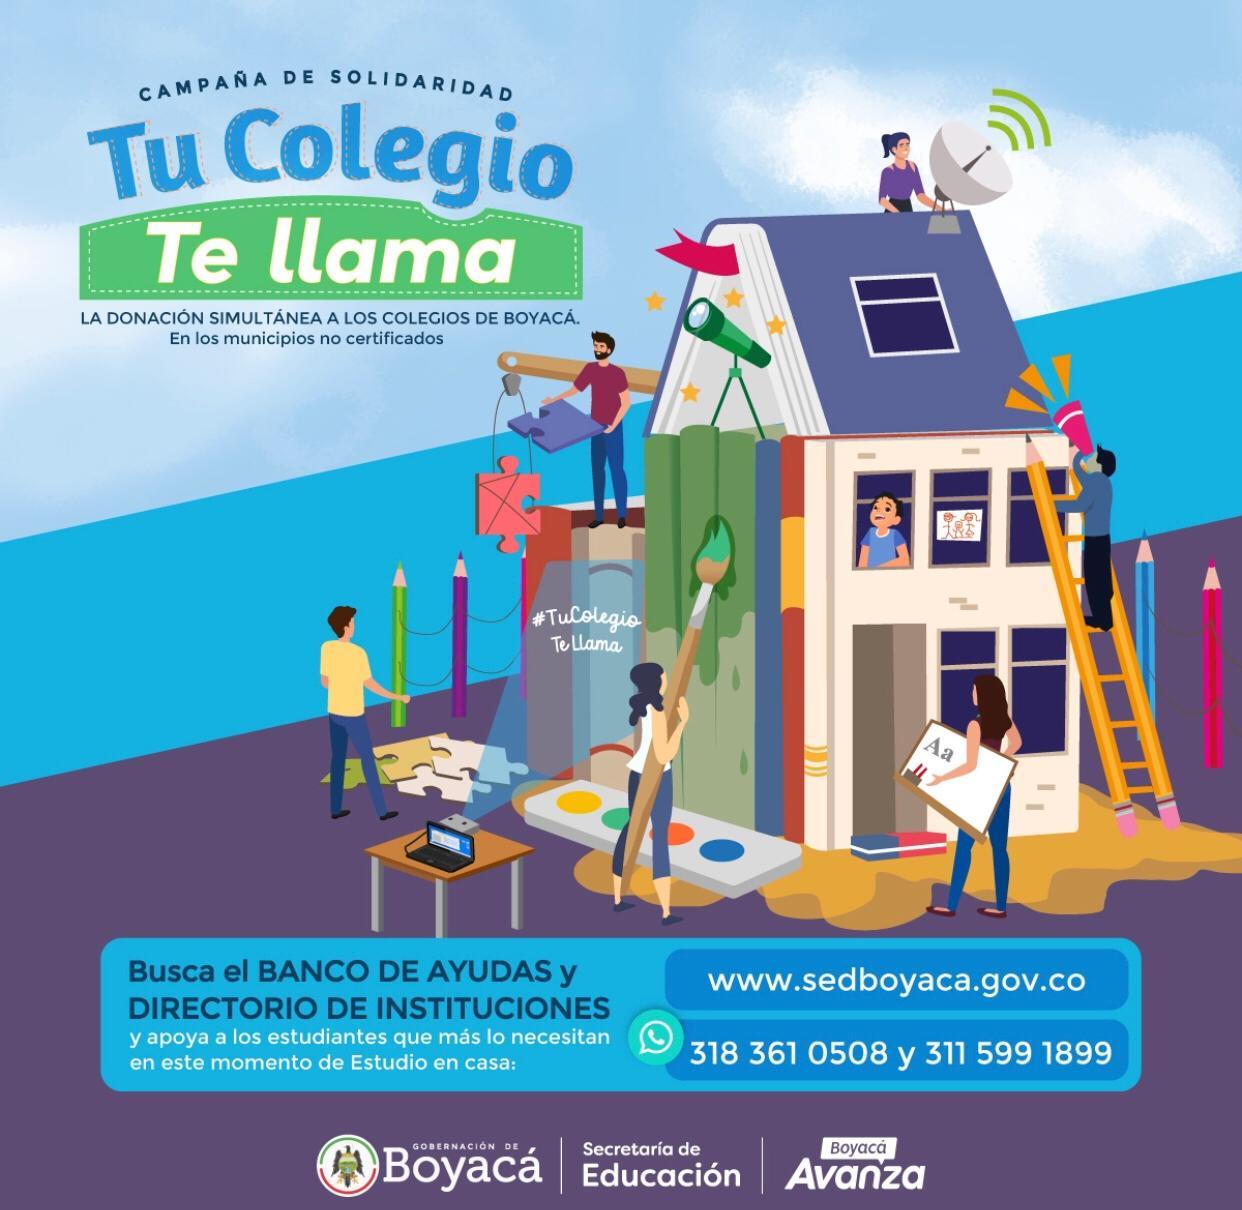 Conozca cómo acceder al Banco de ayudas de la Campaña Solidaria #TuColegioTeLlama